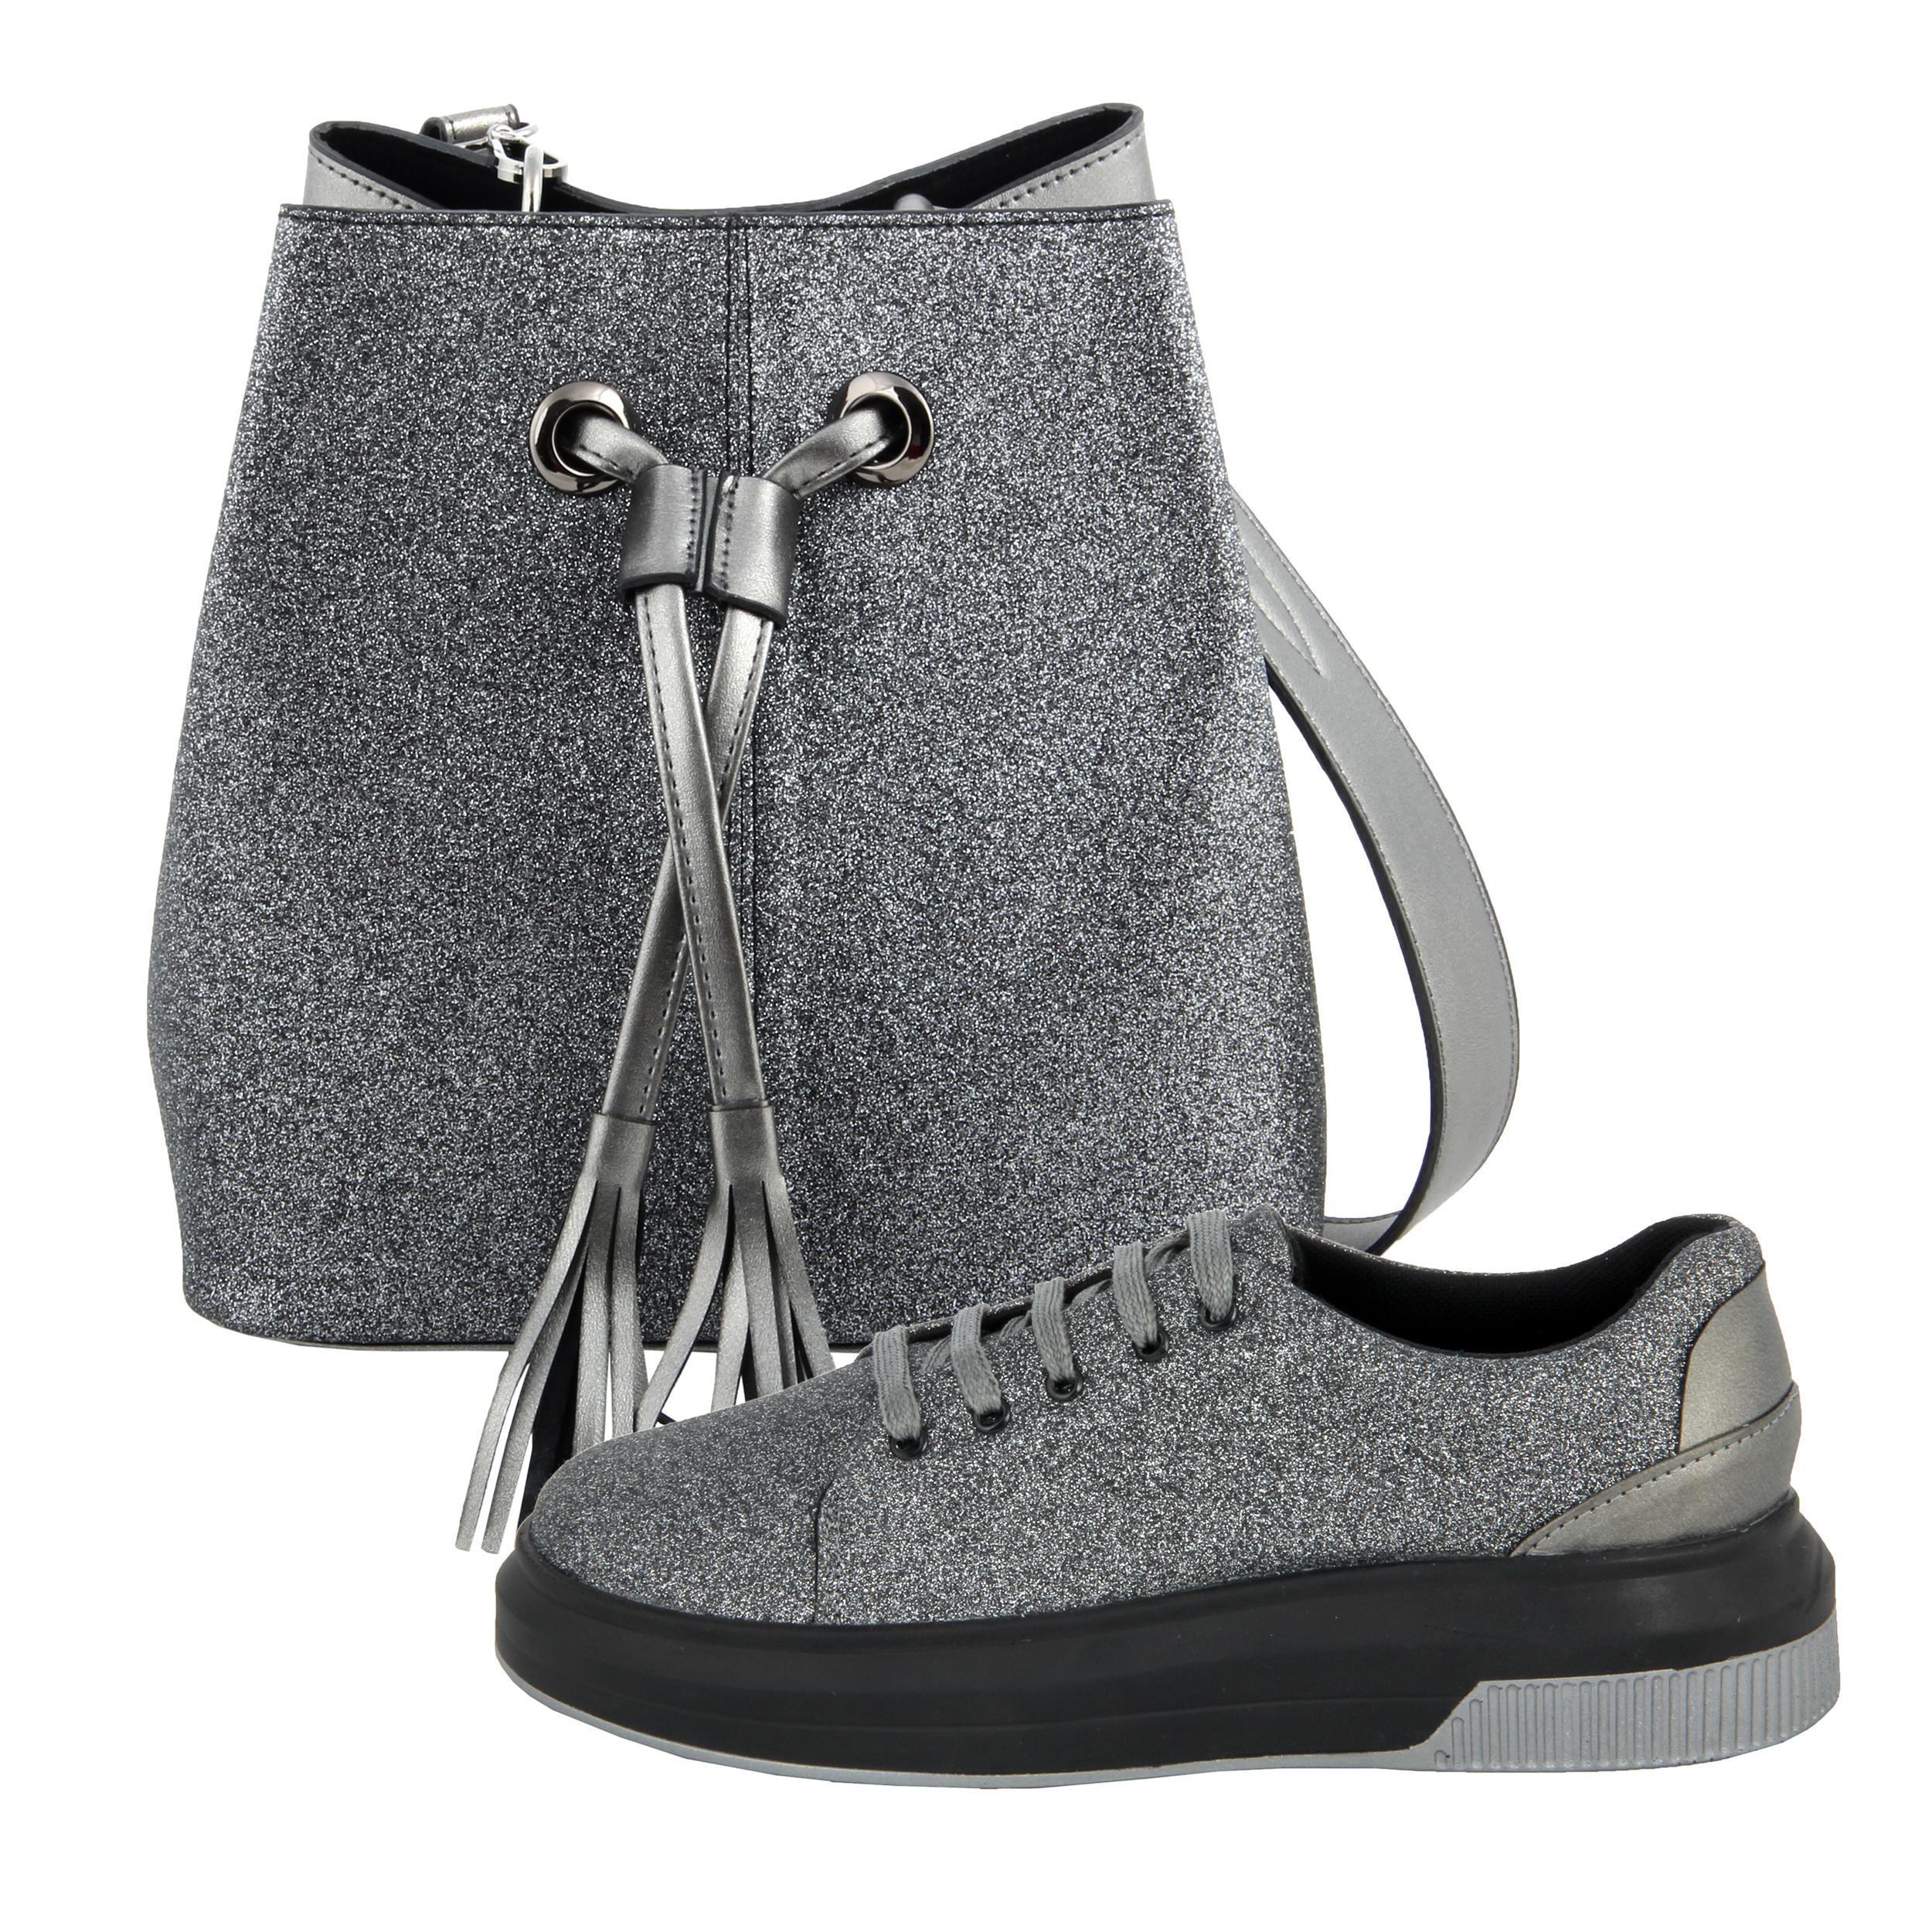 ست کیف و کفش زنانه کد st221